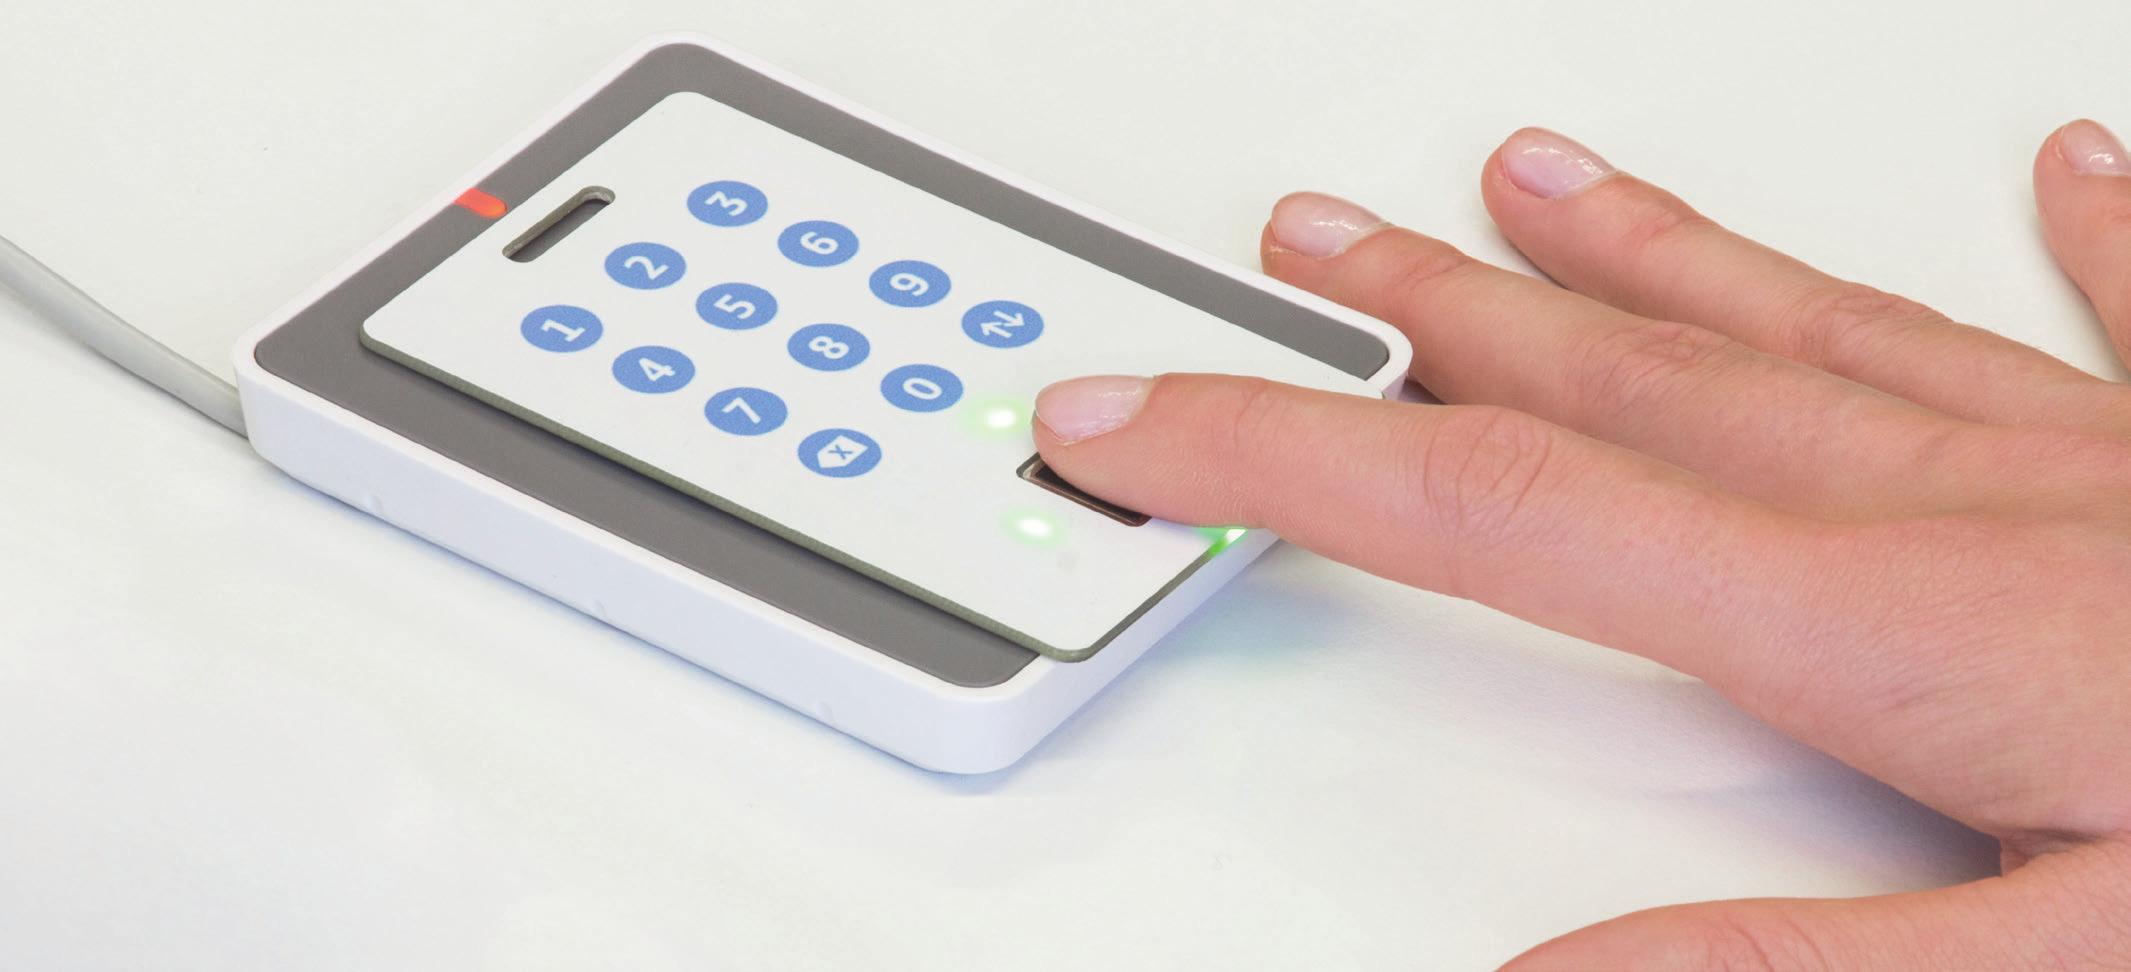 GoID fingerprint card